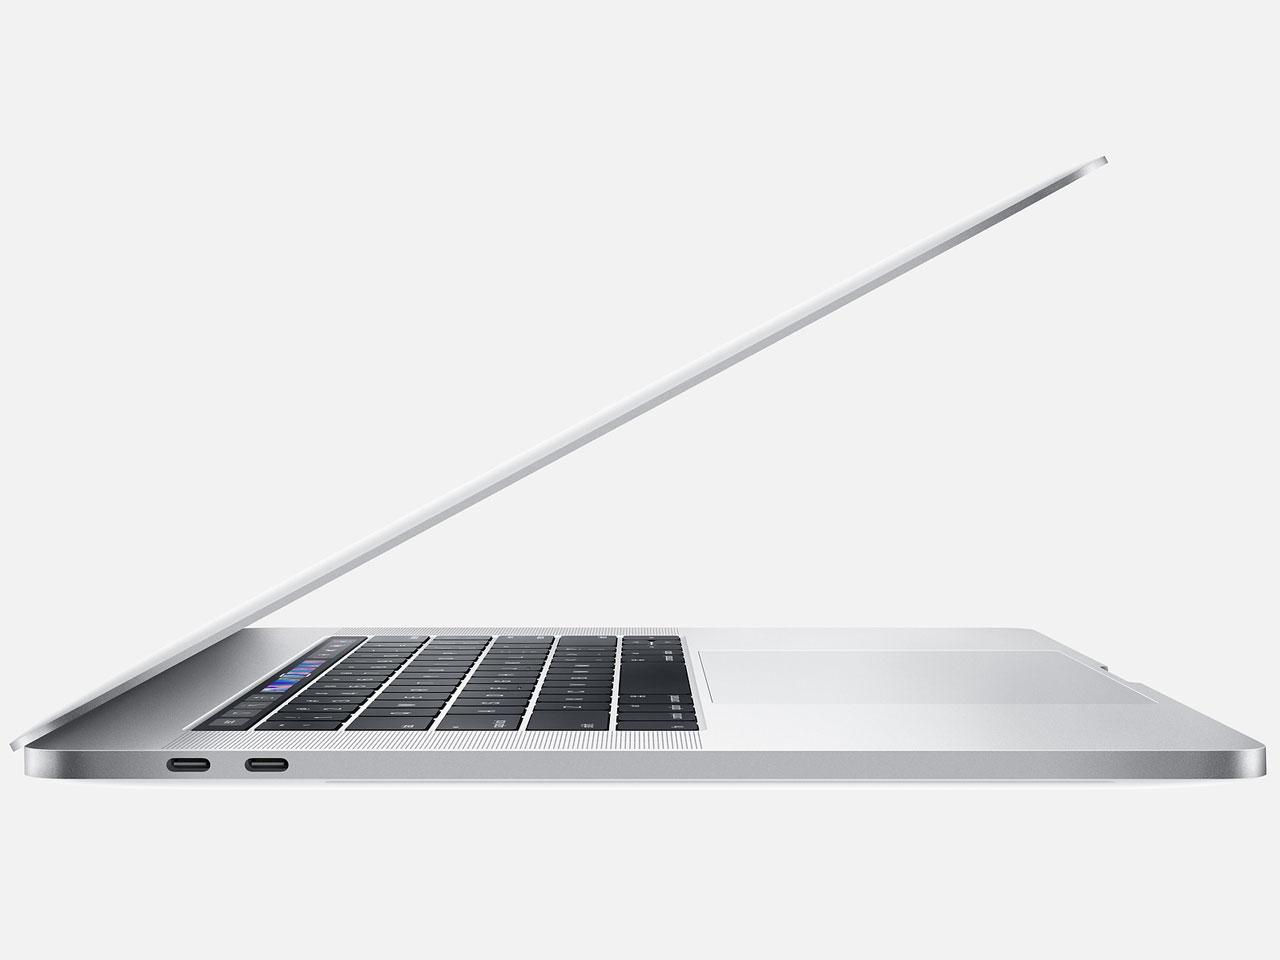 『本体 左側面2』 MacBook Pro Retinaディスプレイ 2300/15.4 MV932J/A [シルバー] の製品画像